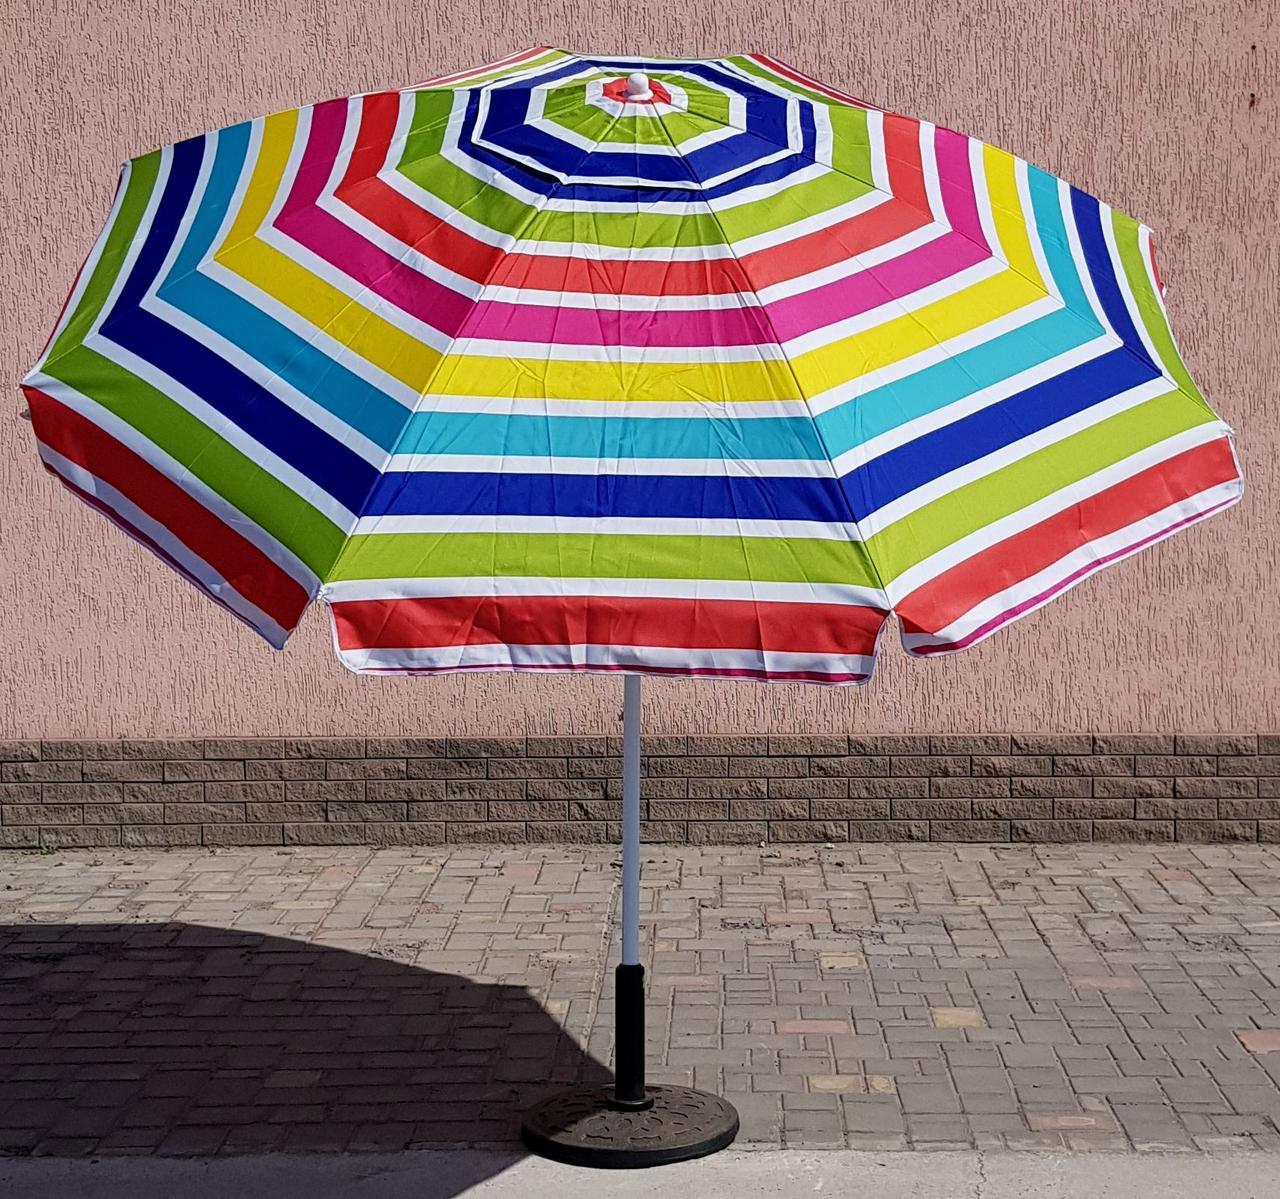 Зонт круглый полосатый, 2.4м, с наклоном, мод-025w